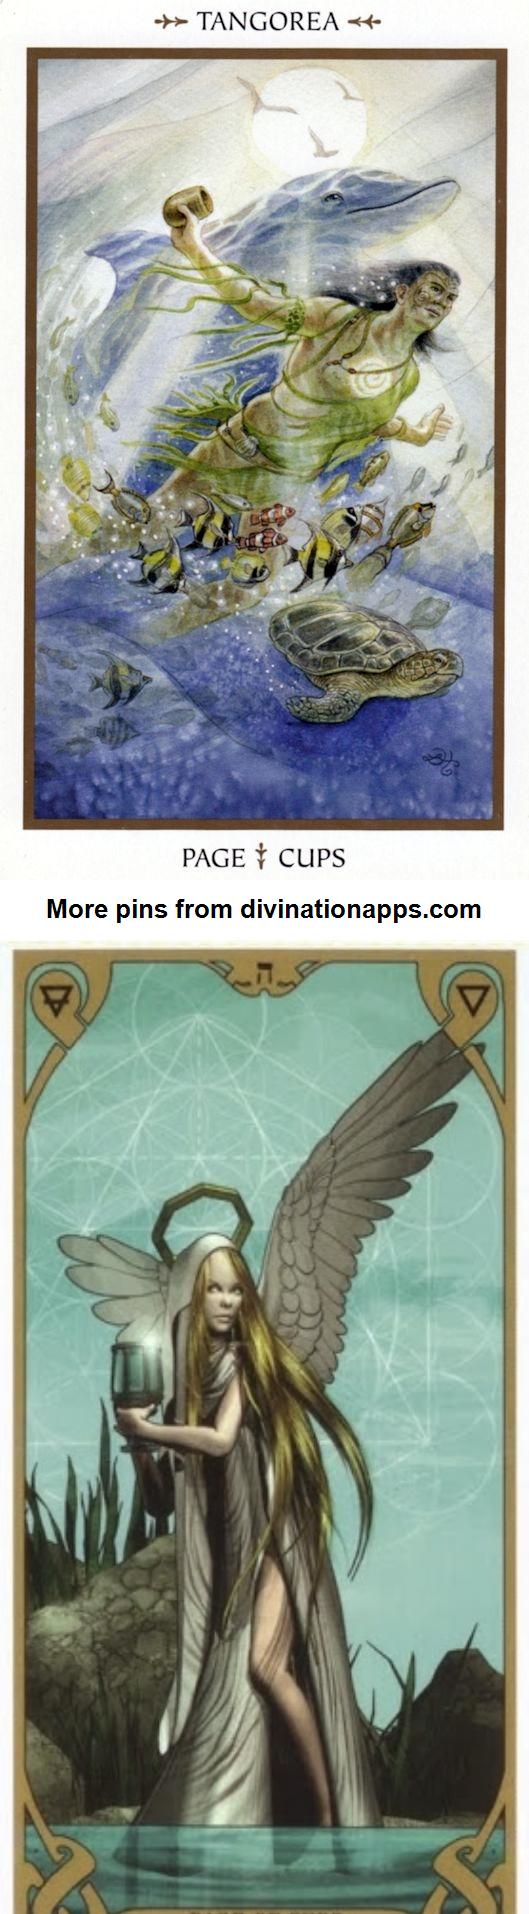 A descrição de Free Tarot Card Reading 2020 & Tarot Cards Meaning